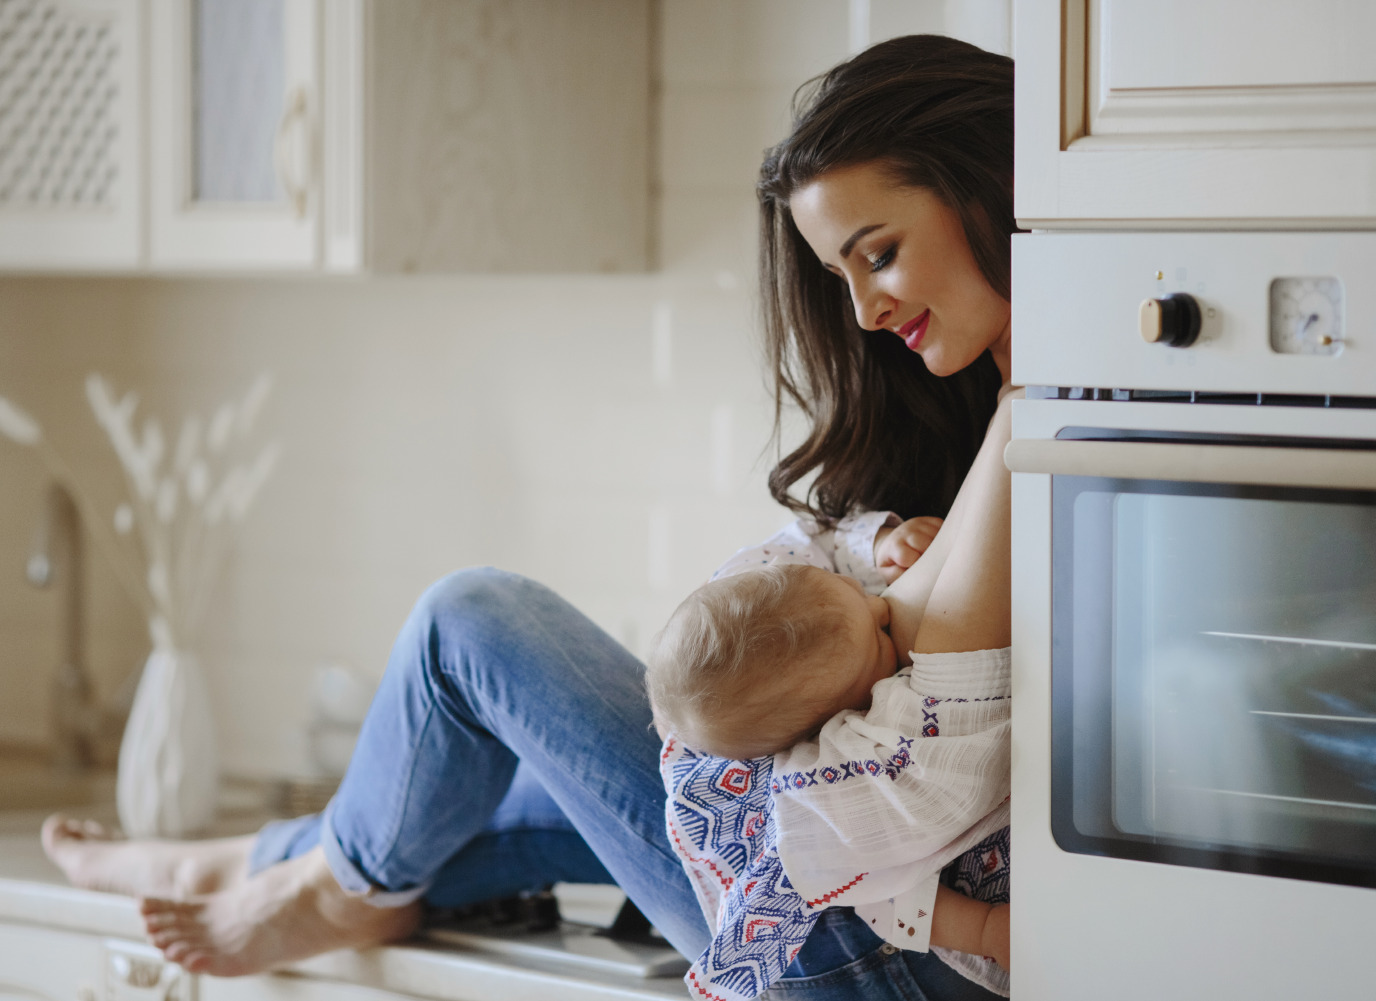 Mẹ cho con bú: TOP 5 thông tin quan trọng mẹ phải biết